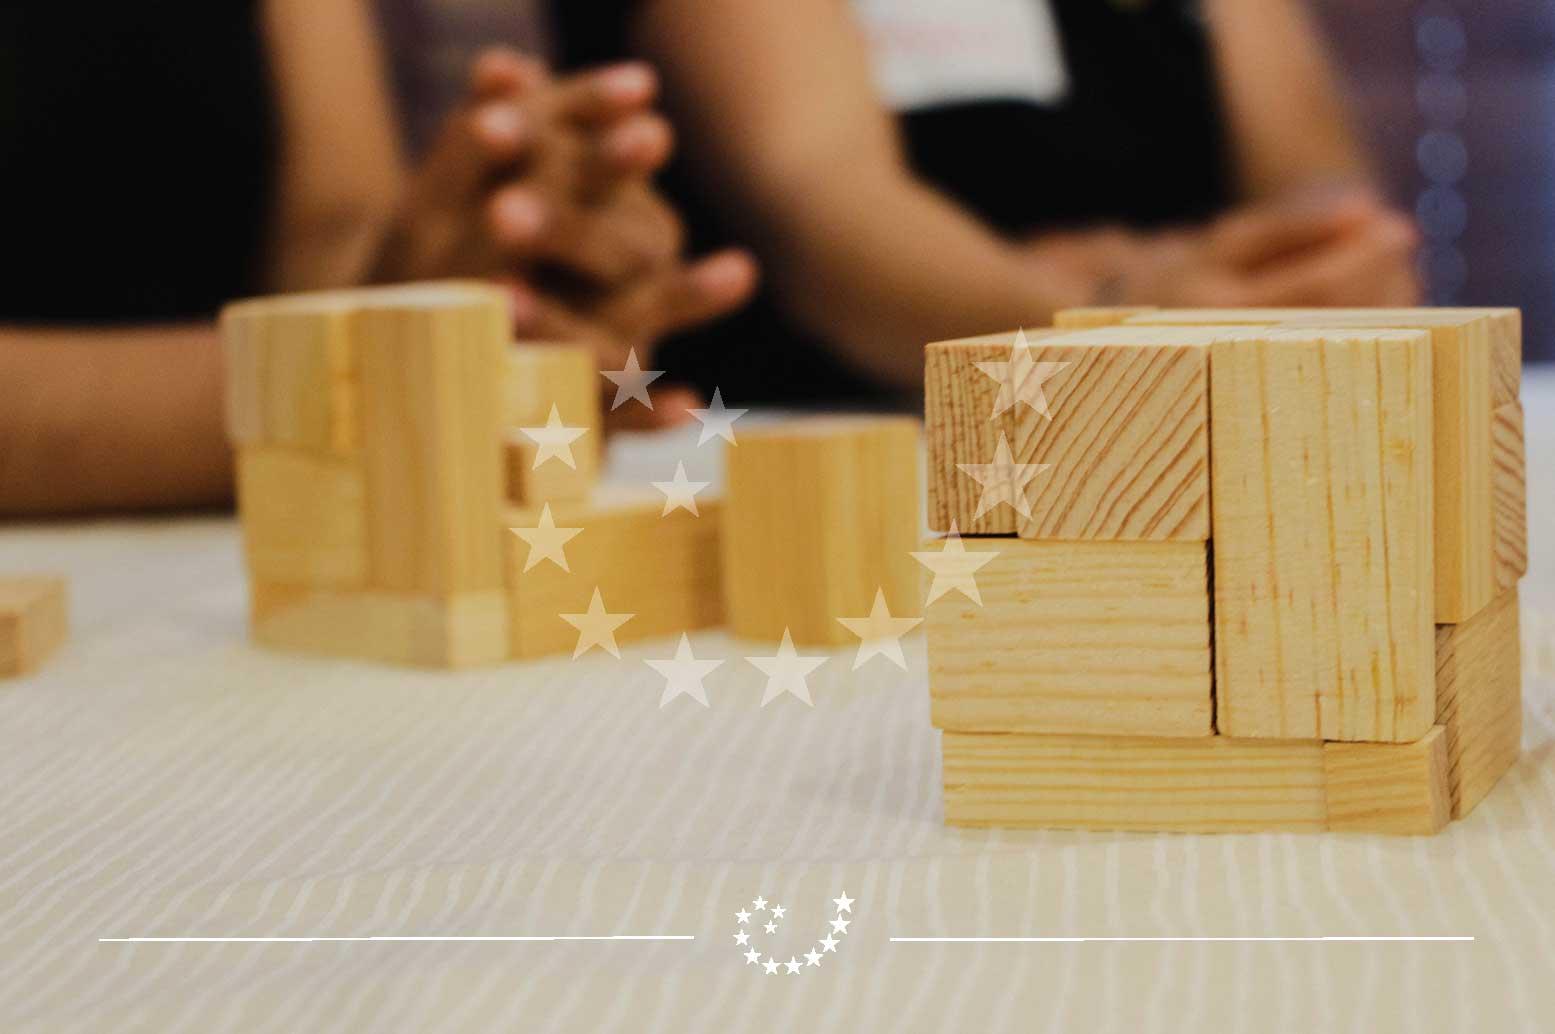 simulacro-de-comunicacion-y-team-building-de-integracion-14